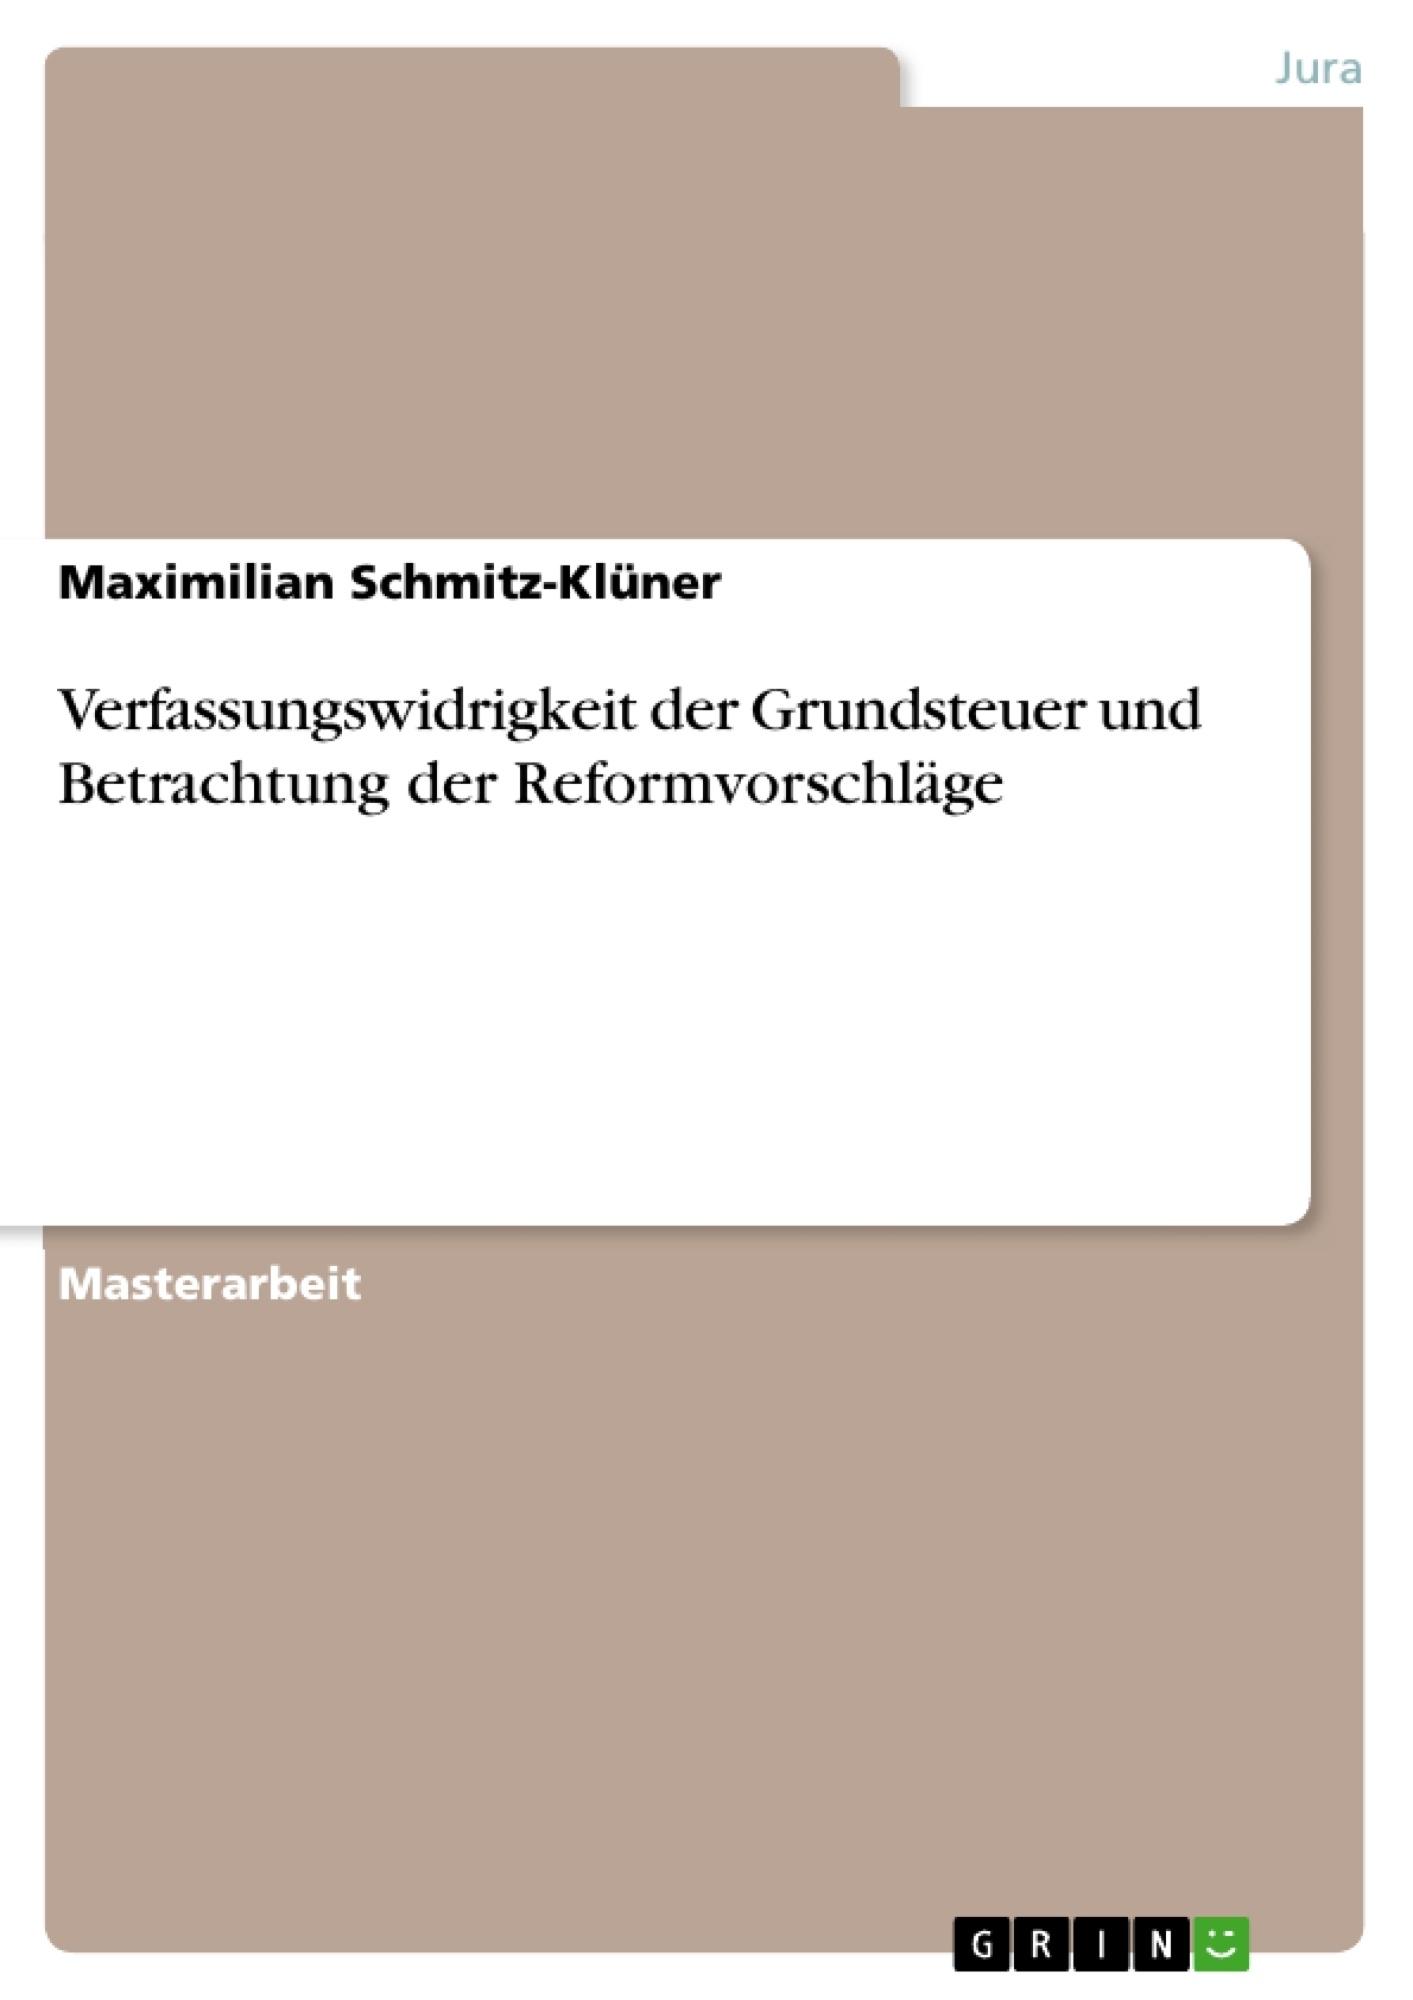 Titel: Verfassungswidrigkeit der Grundsteuer und Betrachtung der Reformvorschläge